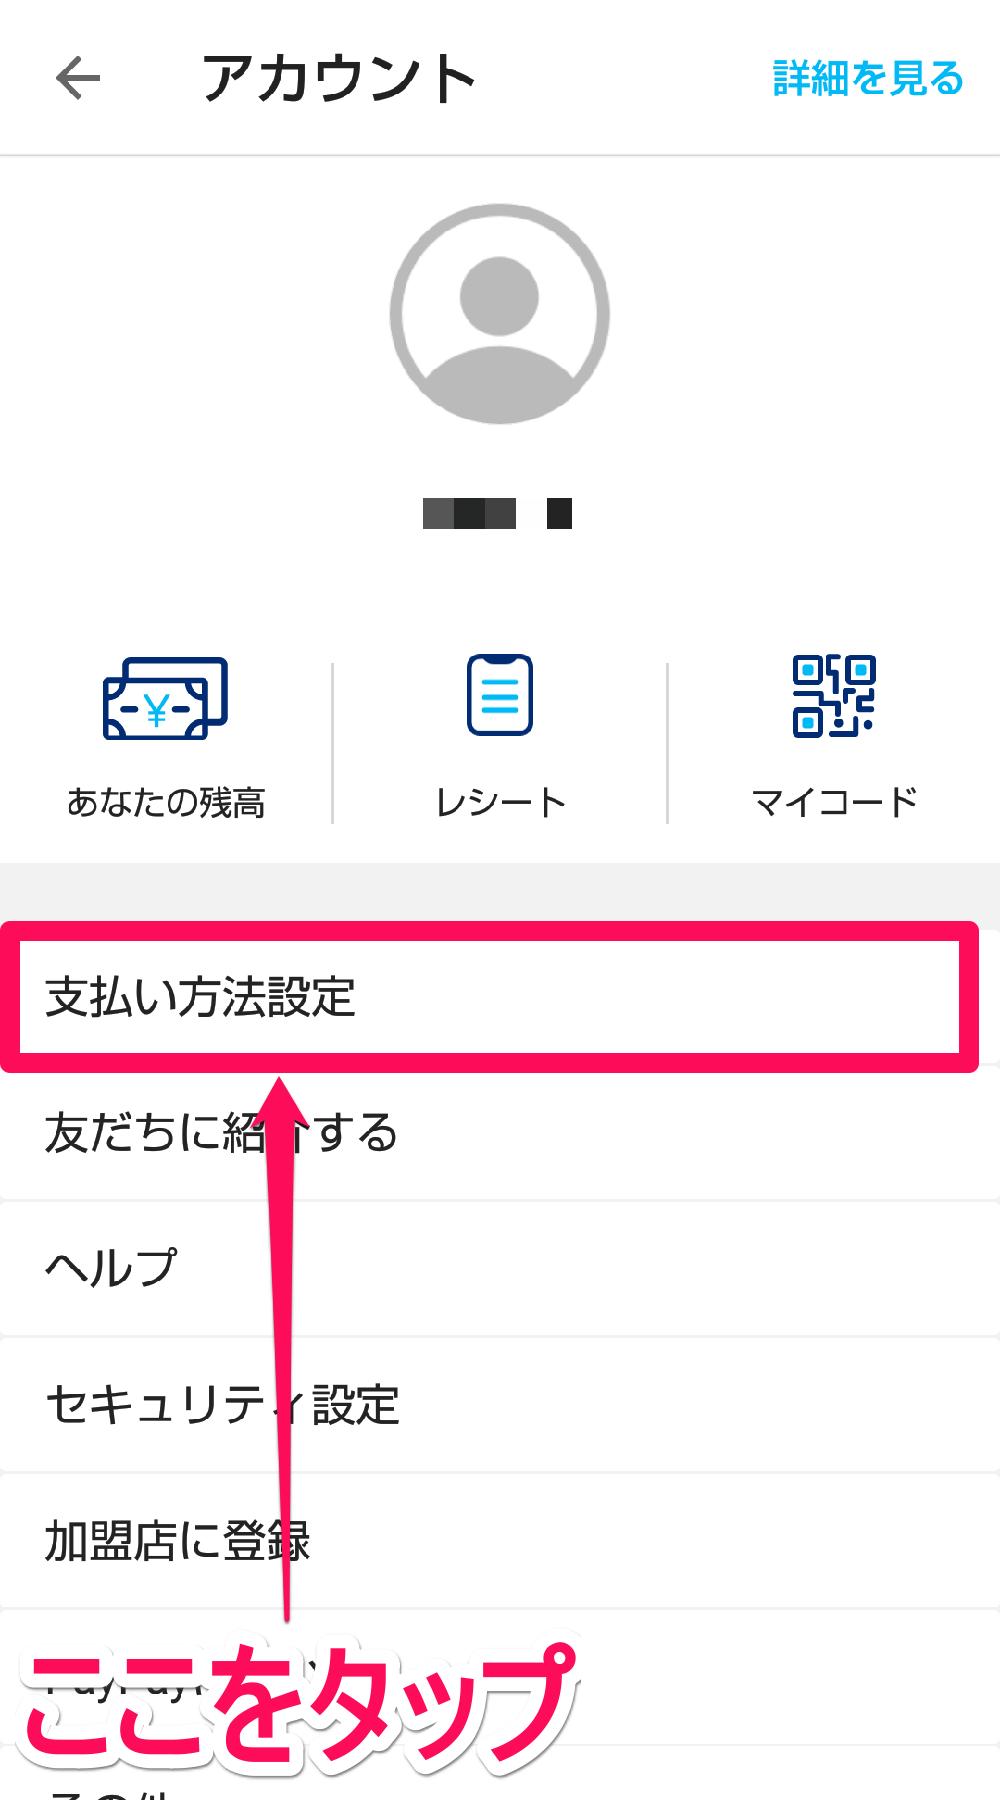 PayPayアプリ(ペイペイアプリ)のアカウント画面